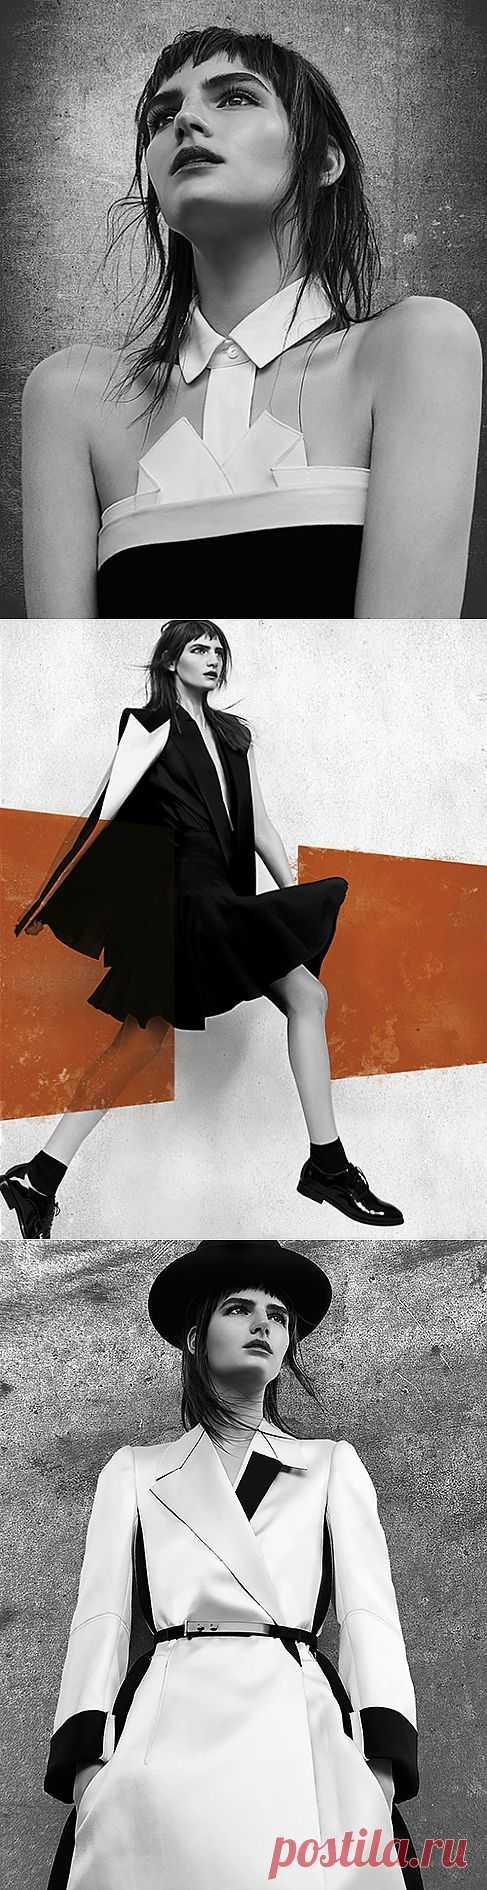 Wallpaper (подборка) / Обзор журналов / Модный сайт о стильной переделке одежды и интерьера